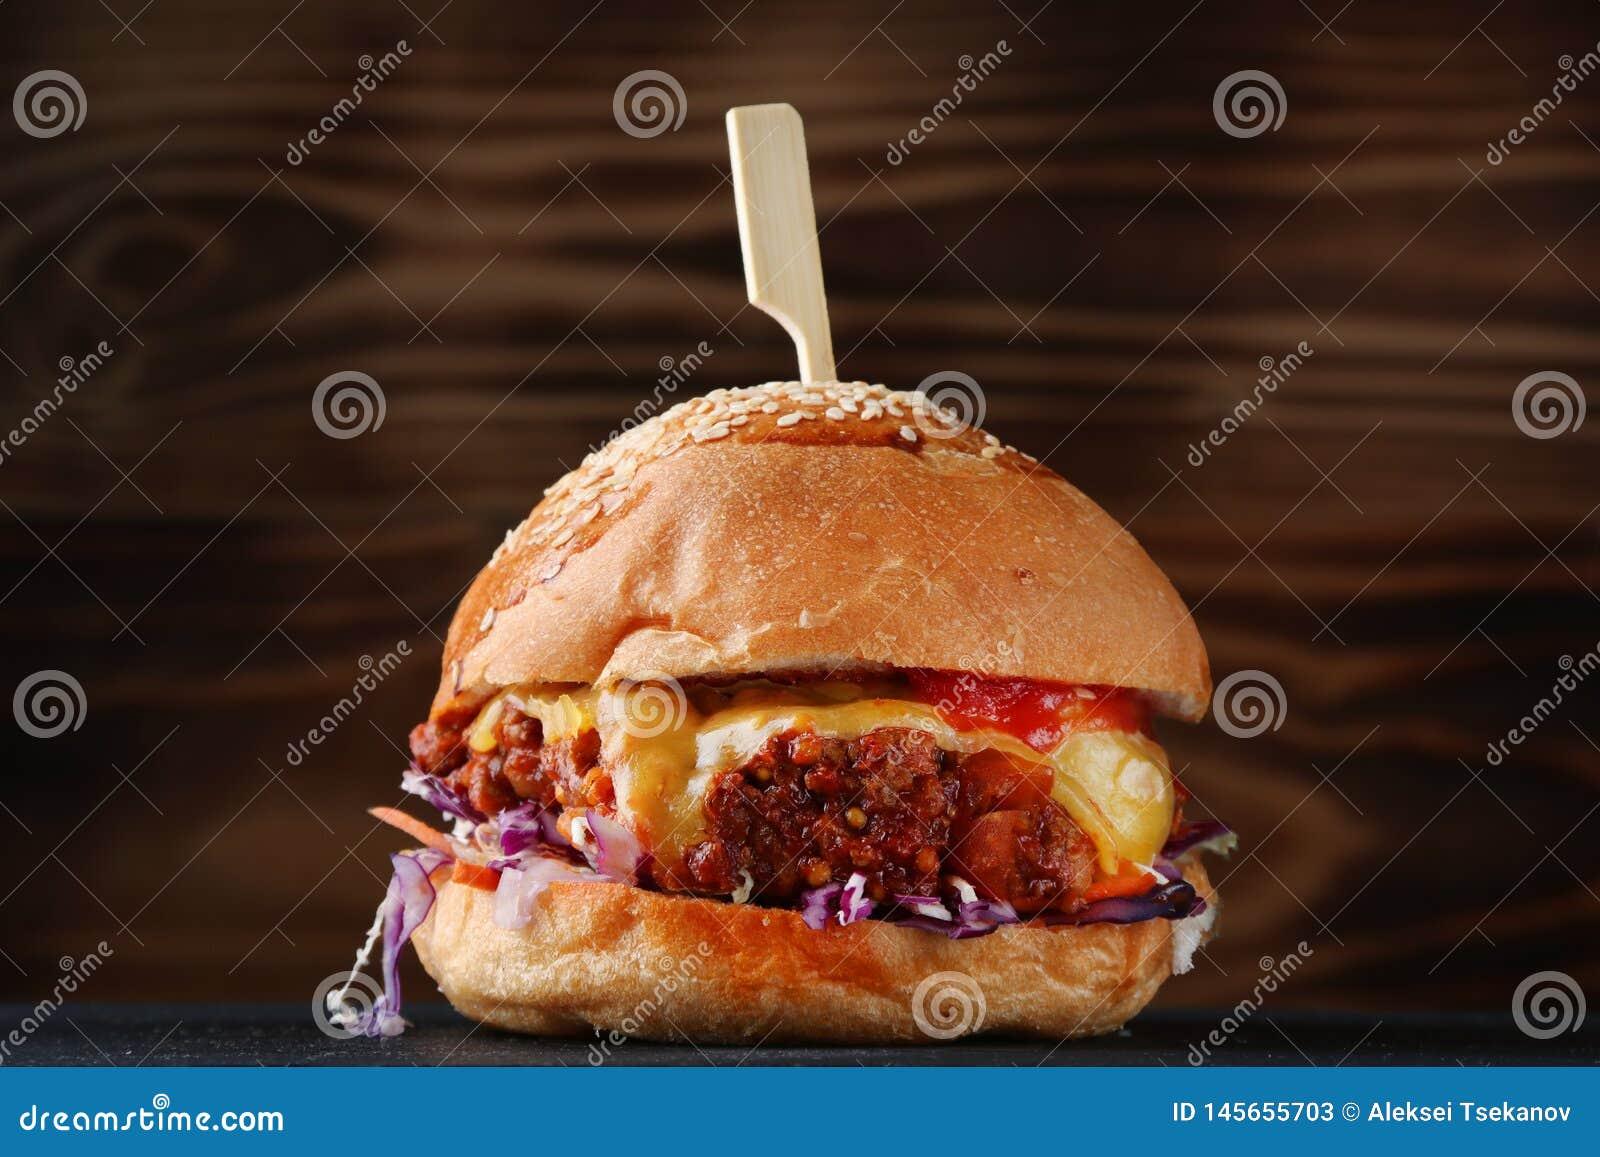 Burger frisch und geschmackvoll auf dunklem Hintergrund Organischer Burger